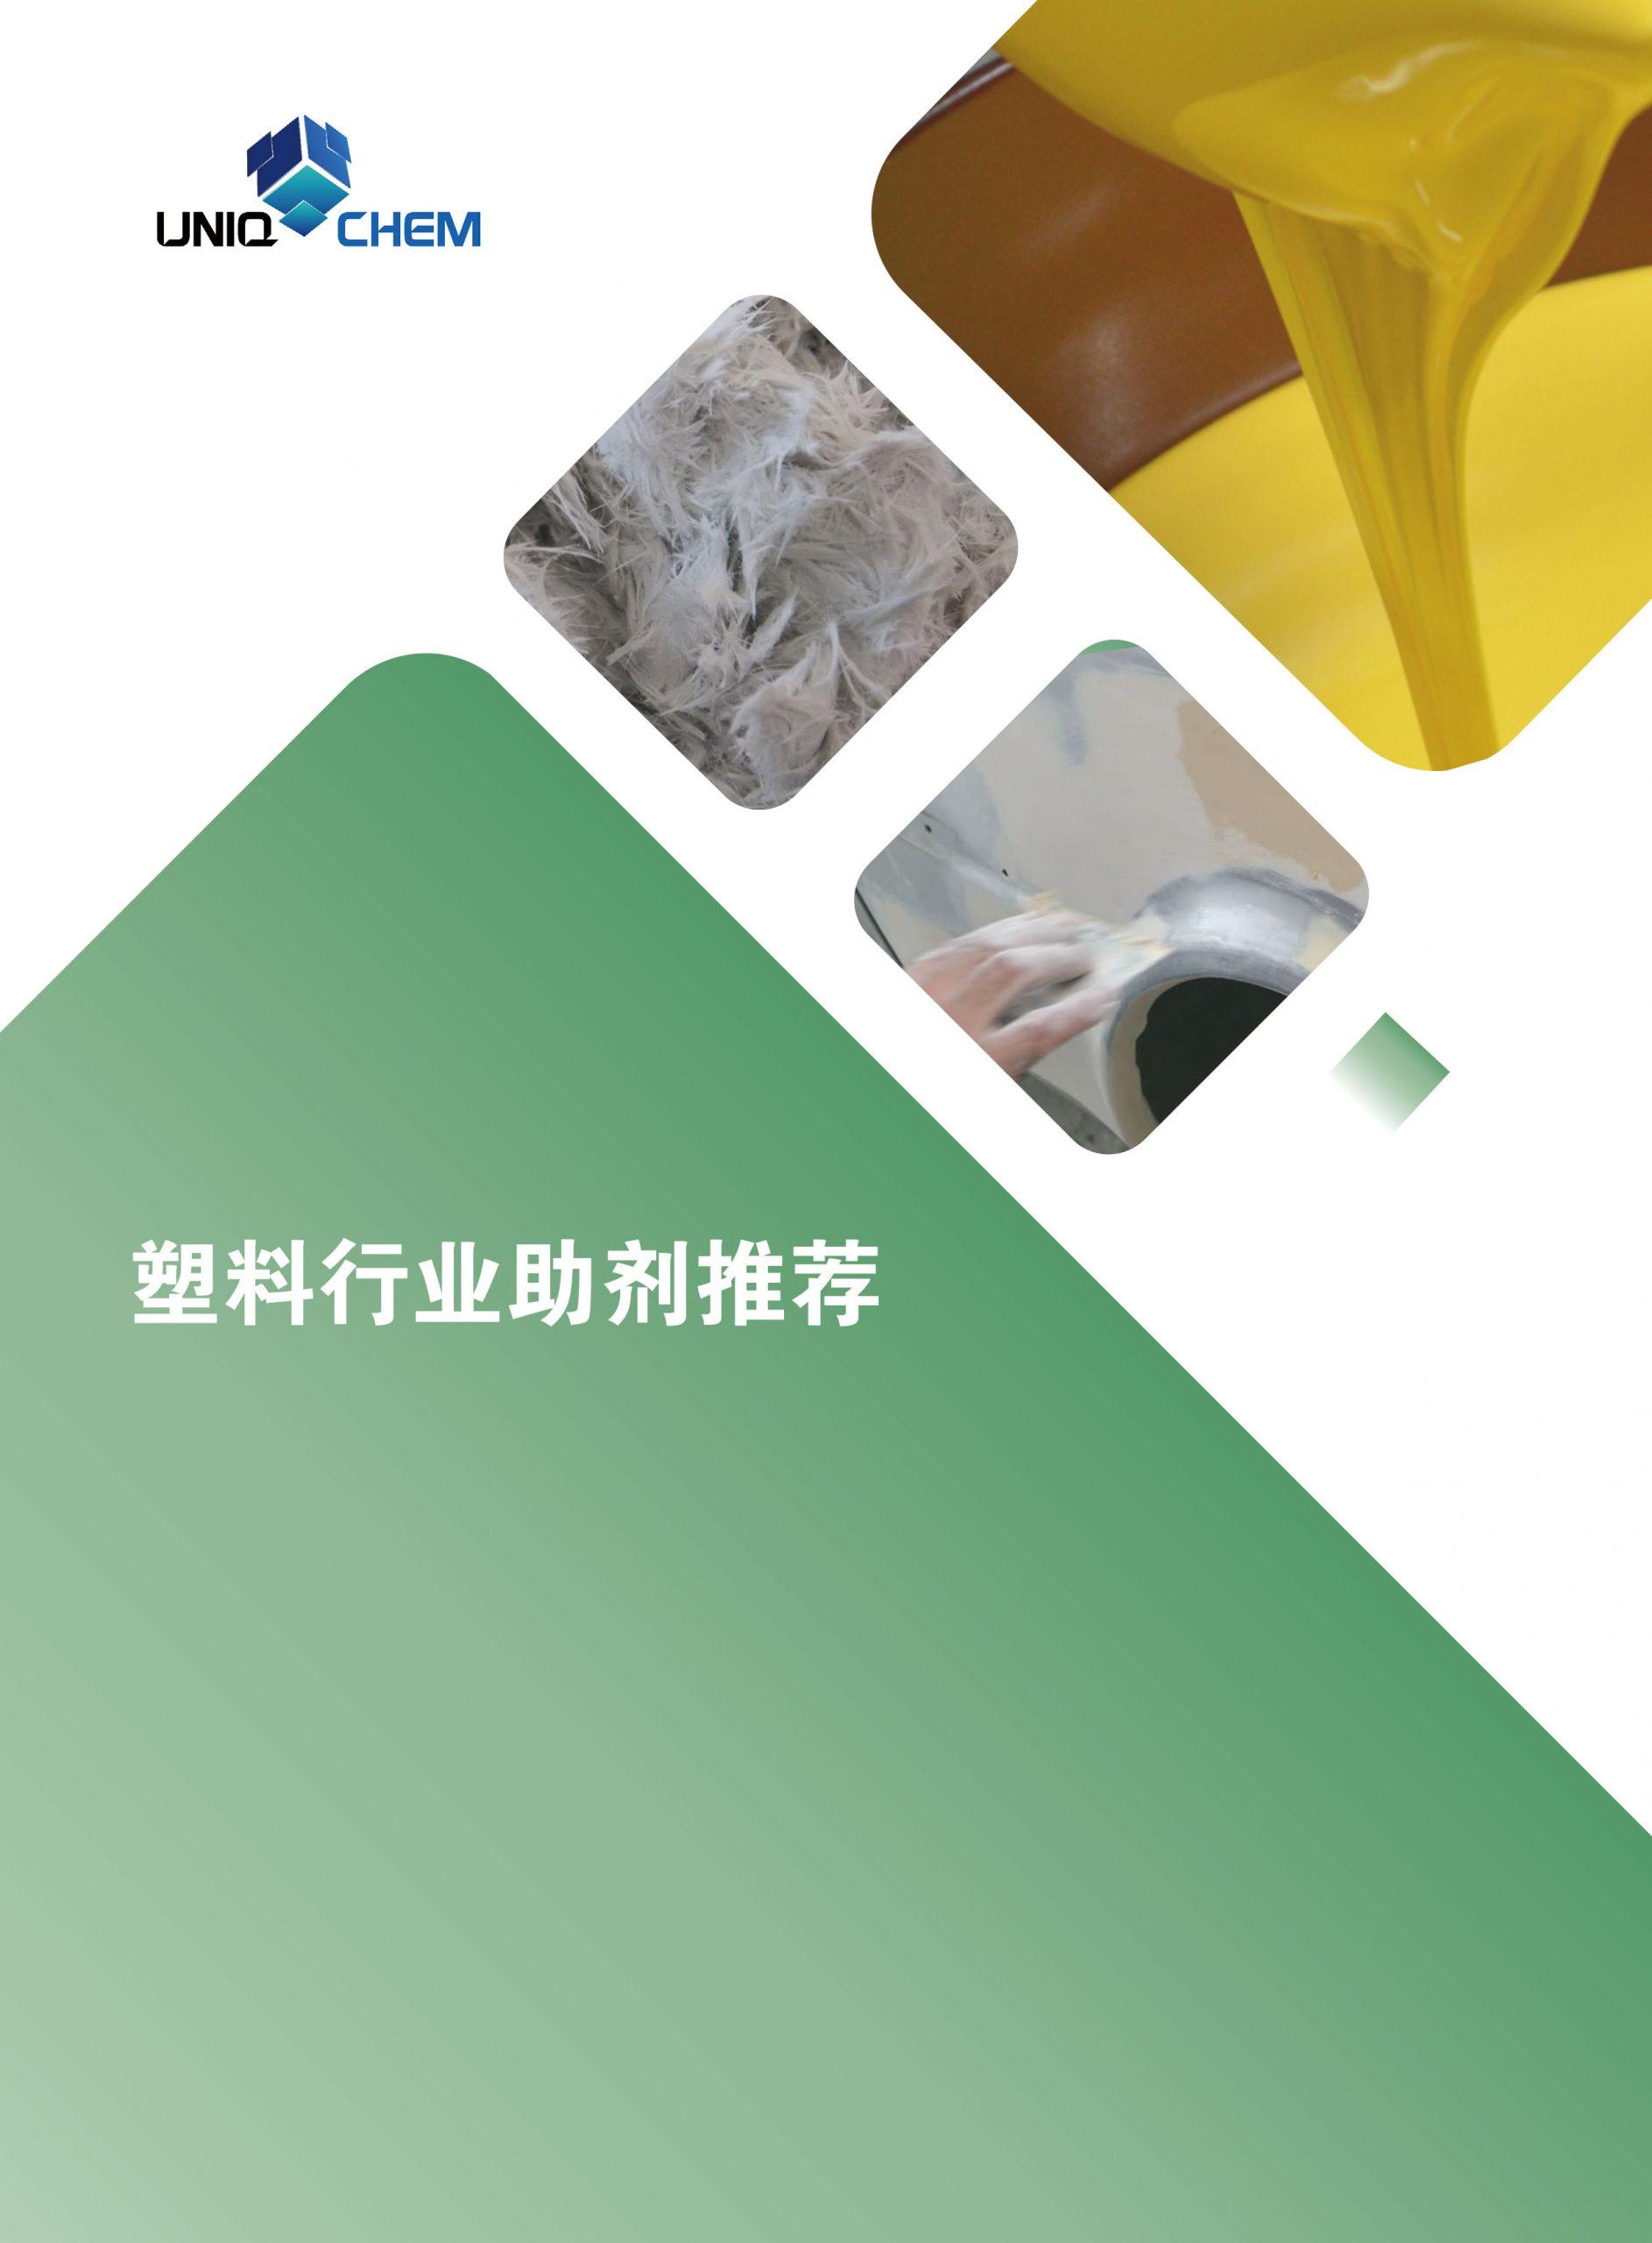 塑料助剂-1_03